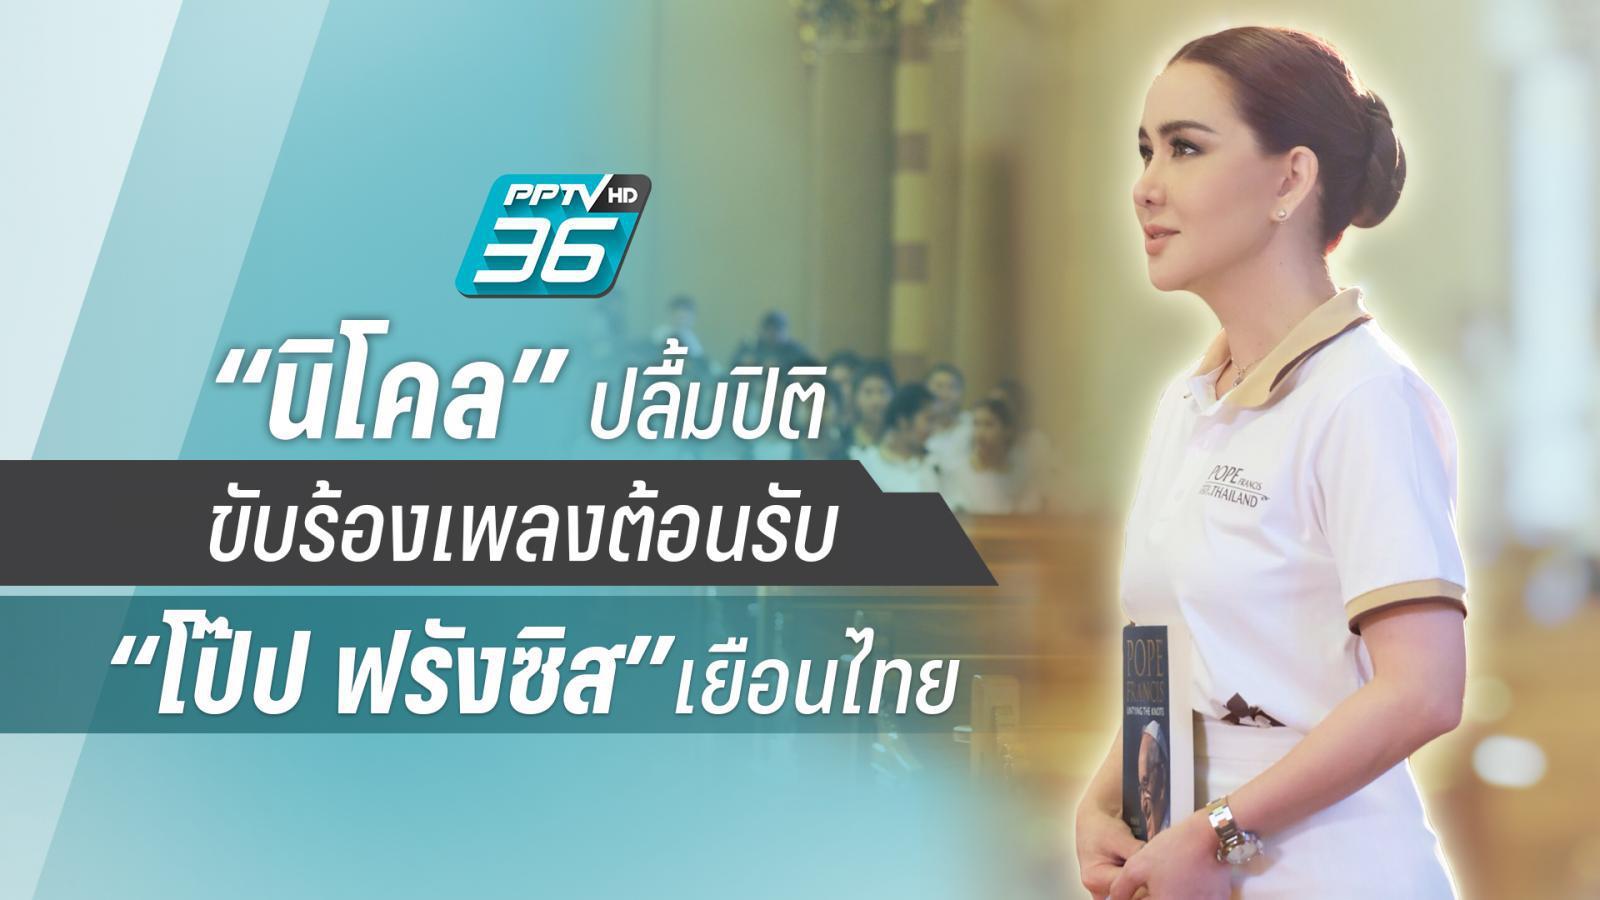 """""""นิโคล เทริโอ"""" ปลื้มปิติ ขับร้องเพลงต้อนรับ """"โป๊ป ฟรังซิส"""" เยือนไทย"""